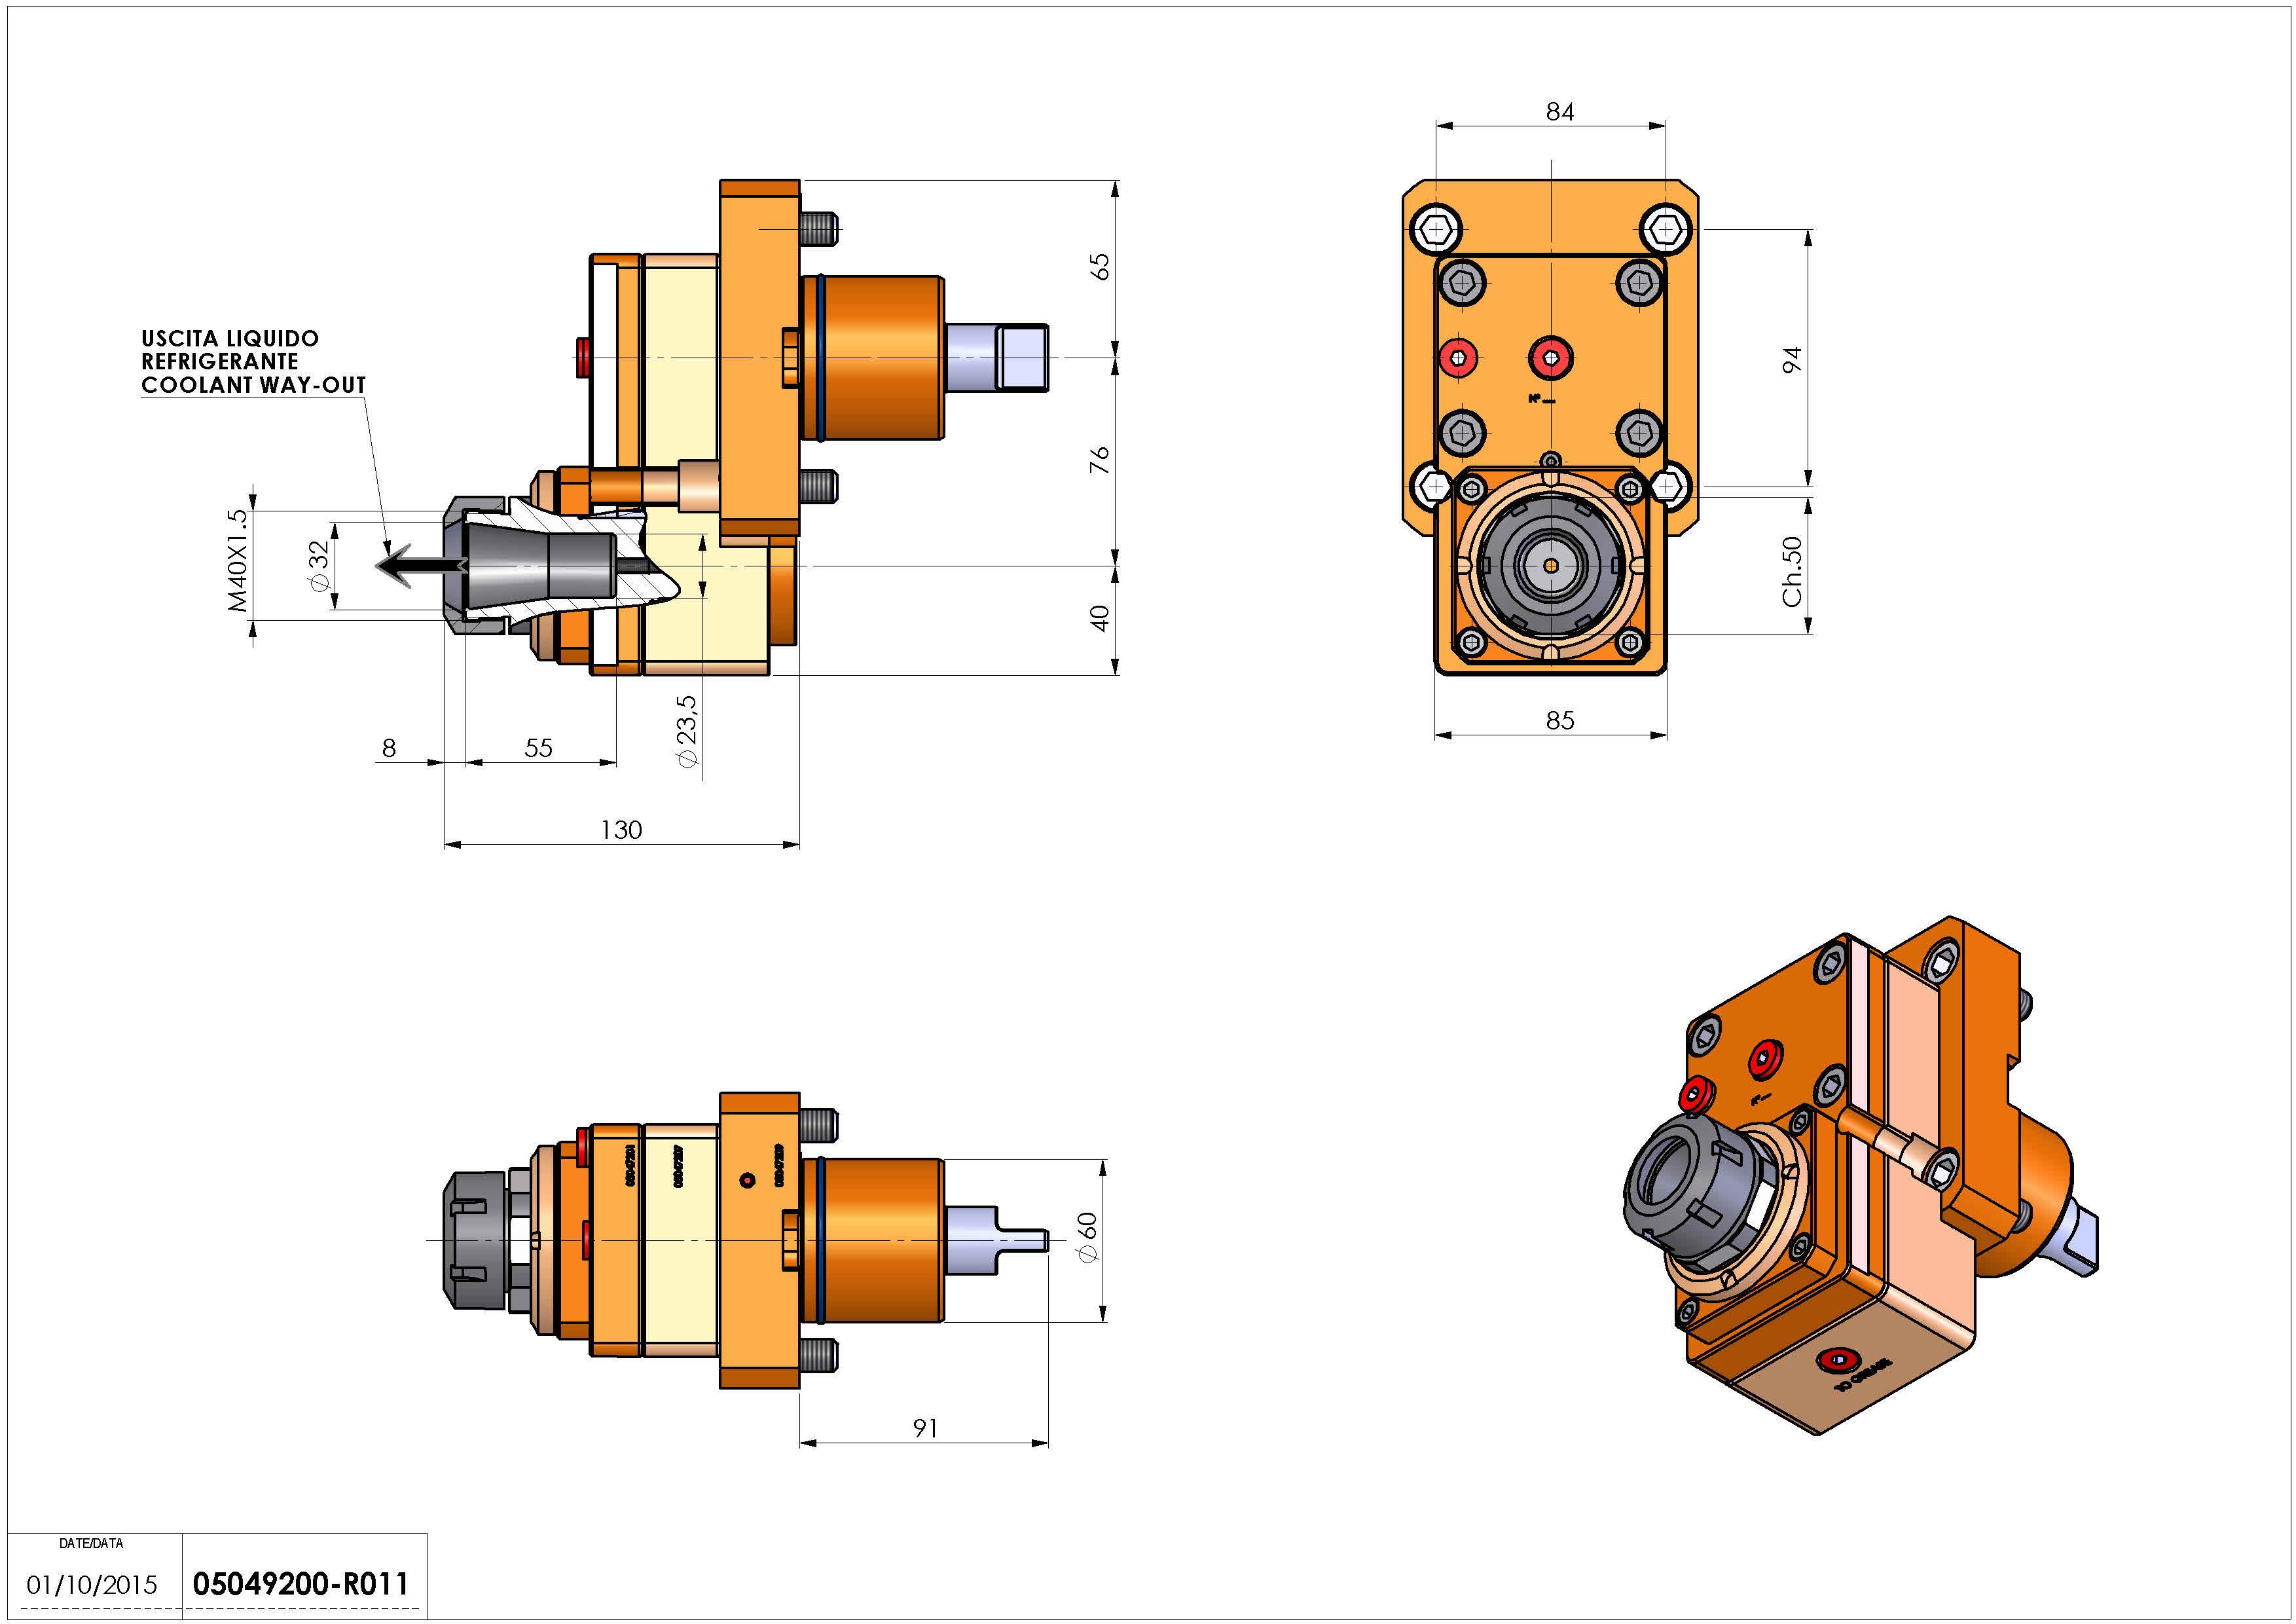 Technical image - LT-S D60 ER32 OF76 RF 1:1 H130.